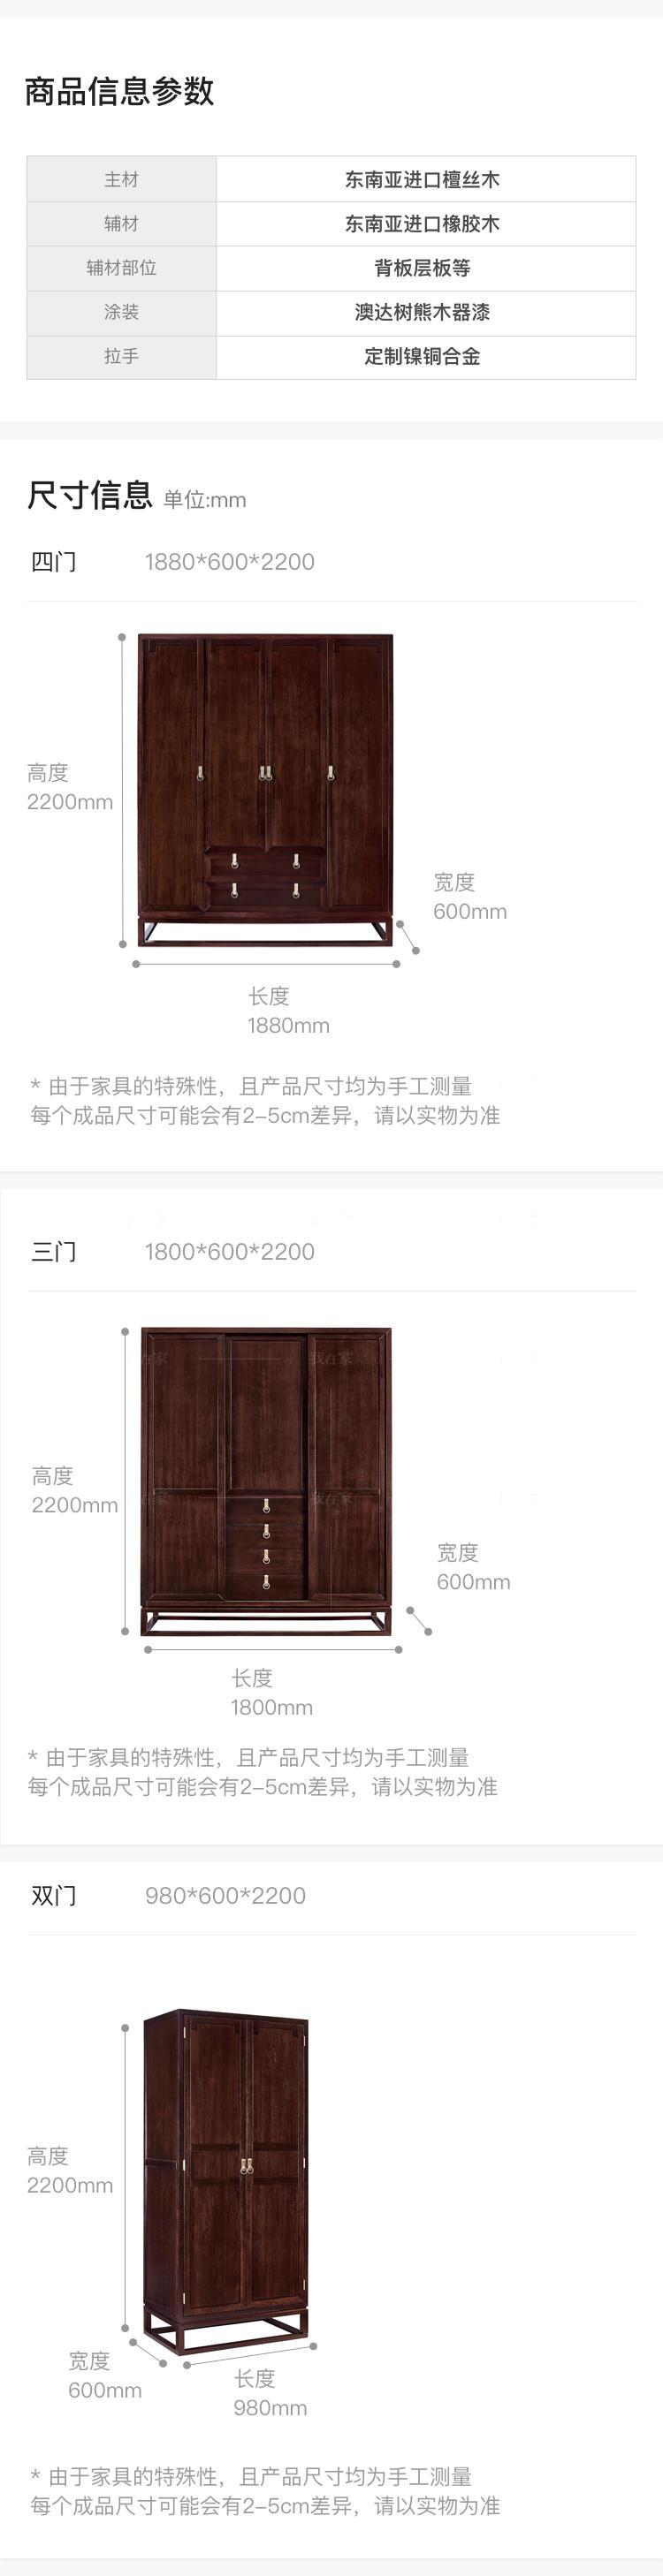 新中式风格似锦衣柜的家具详细介绍